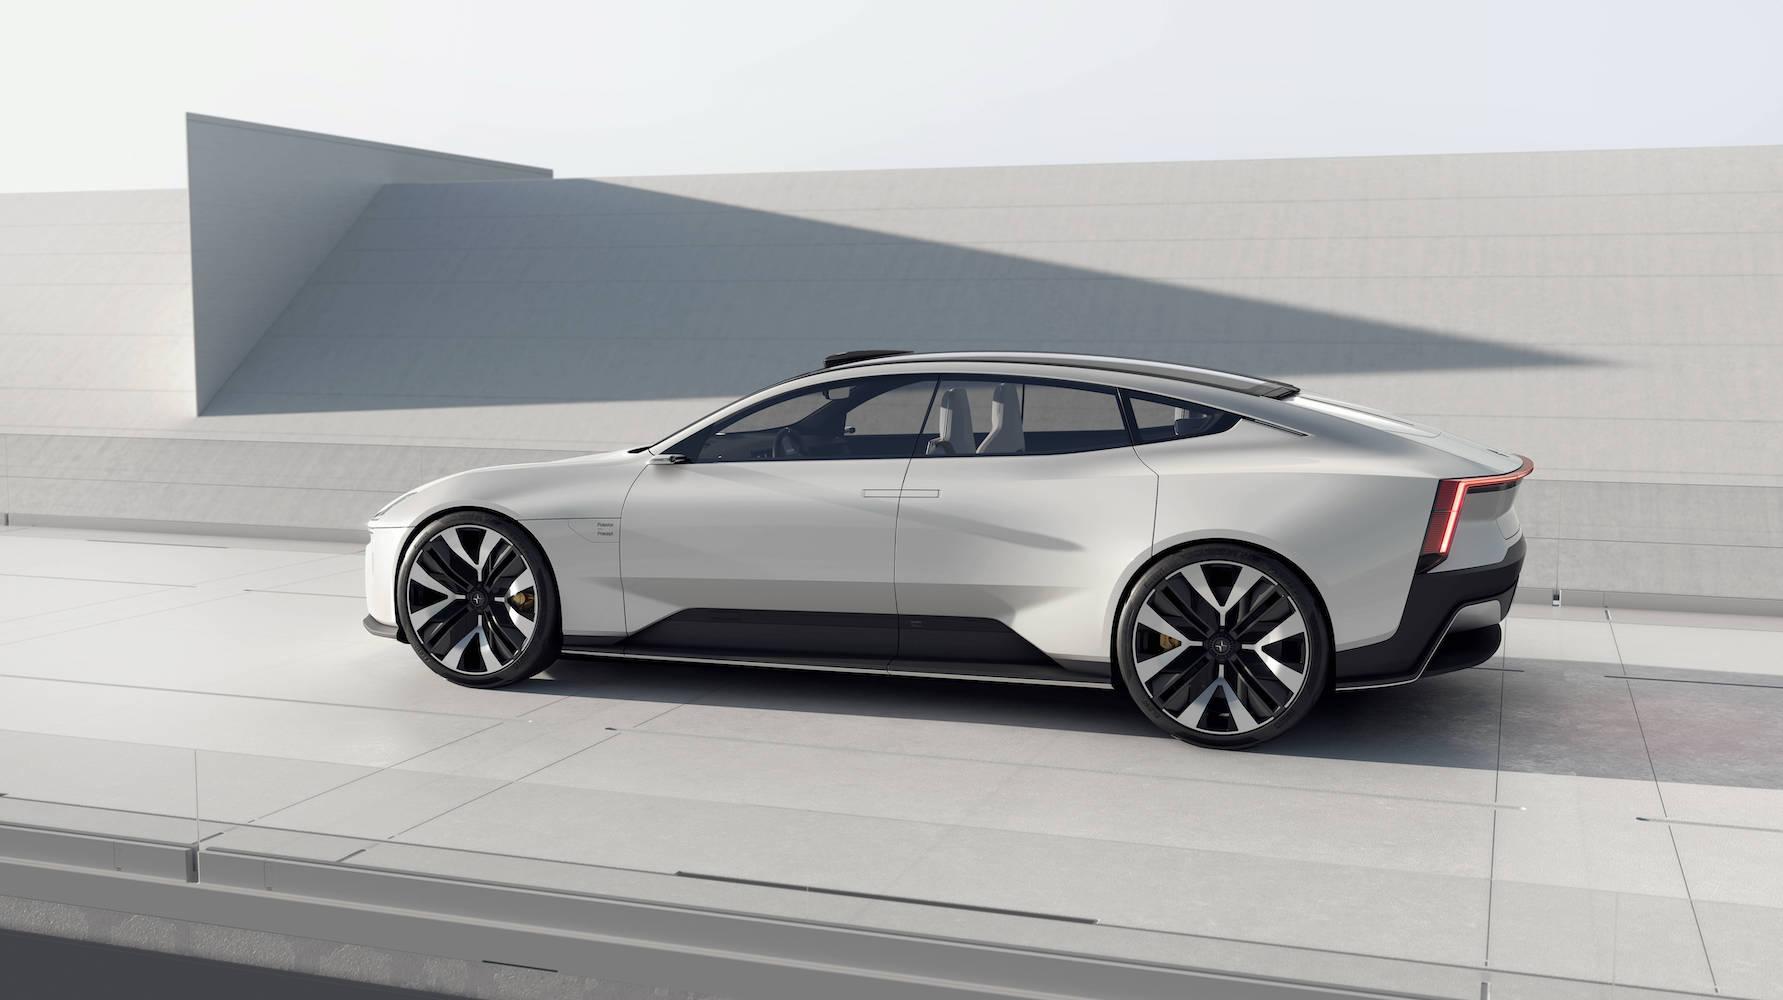 极星Precept__拥有GT轿车特有的低姿态车身和流畅的外形轮廓